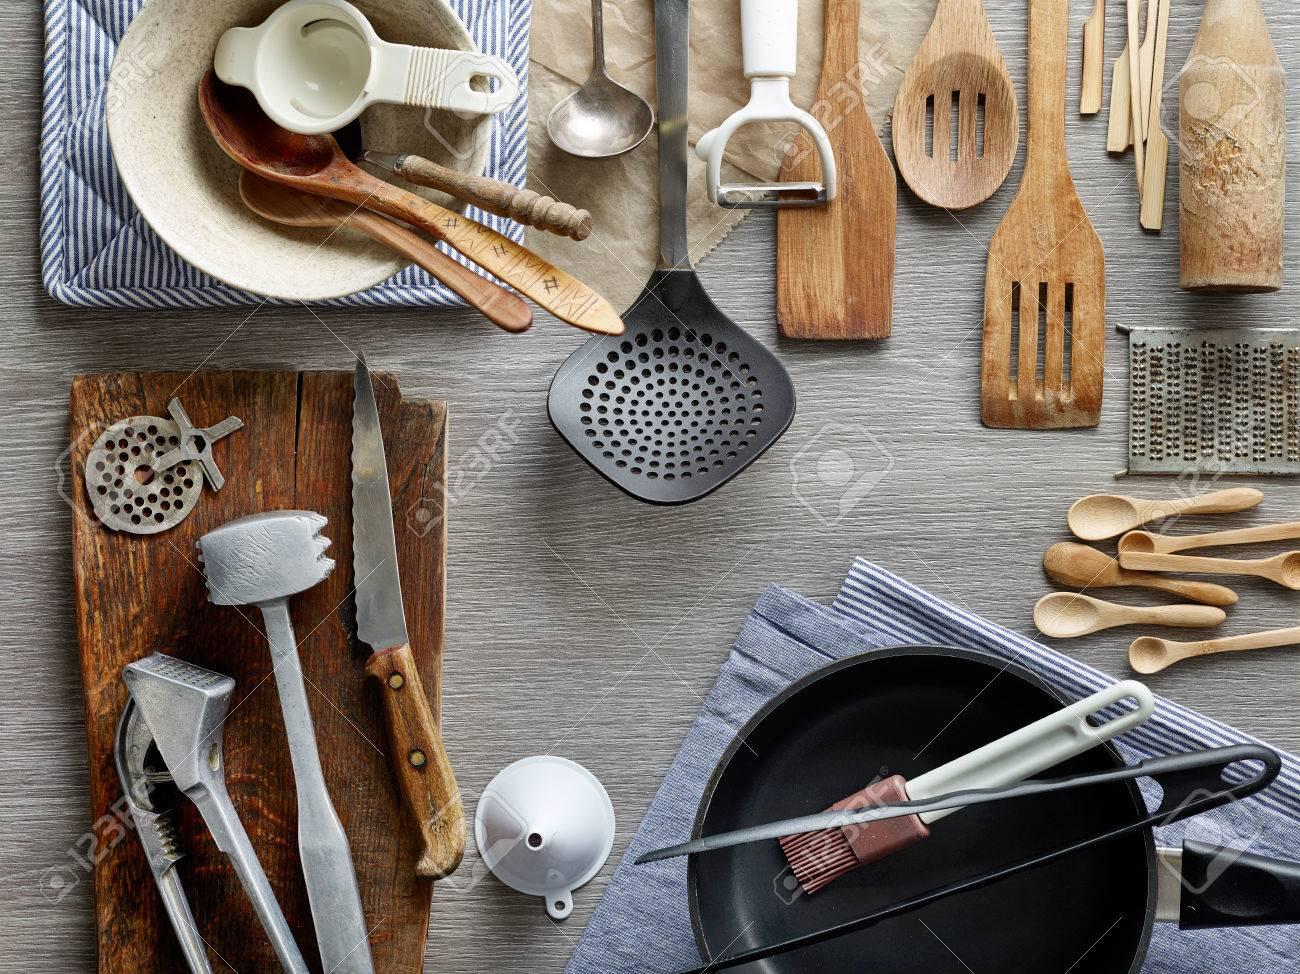 Charmant Küchenutensilien Und Ihre Verwendungen Fotos ...